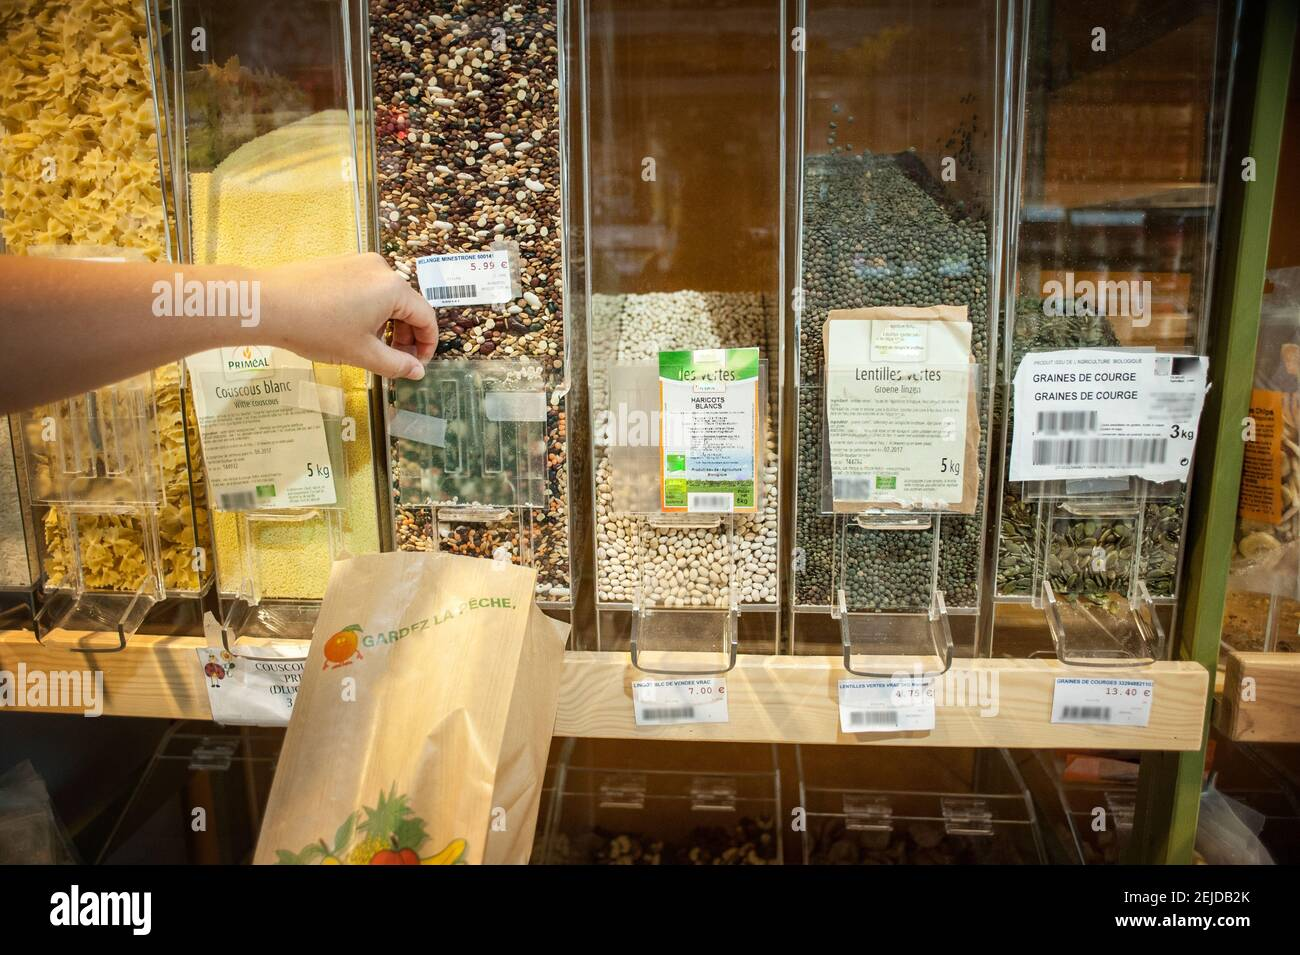 Service de semences en vrac dans un magasin biologique. Banque D'Images